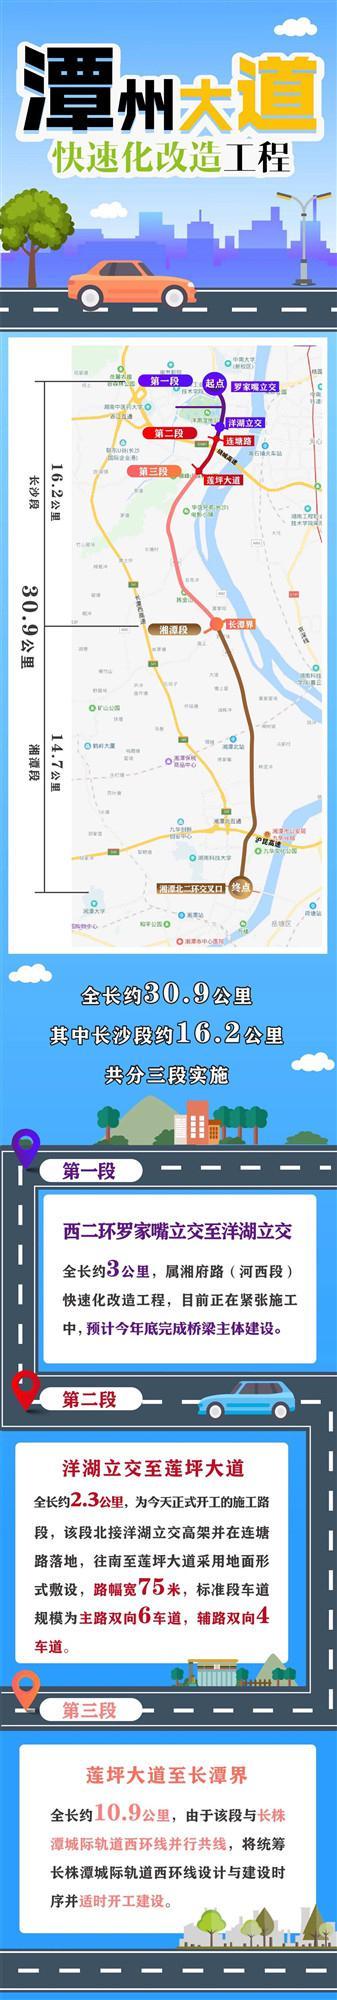 潭州大道快速化改造(连塘路 - 莲坪大道段)启动施工